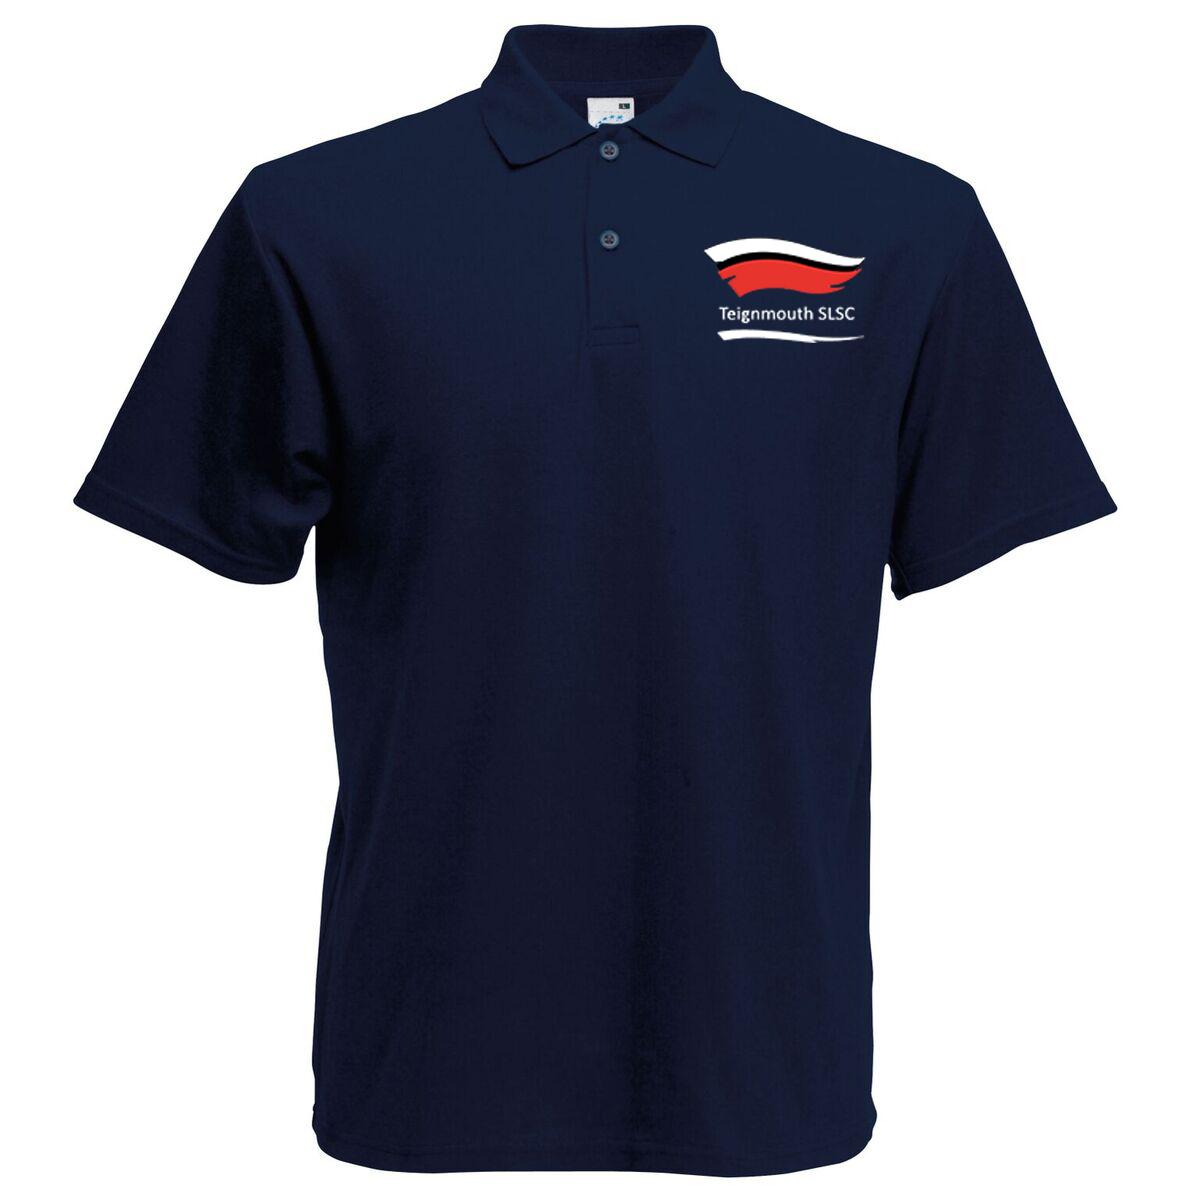 TSLSC Polo Shirt Adult